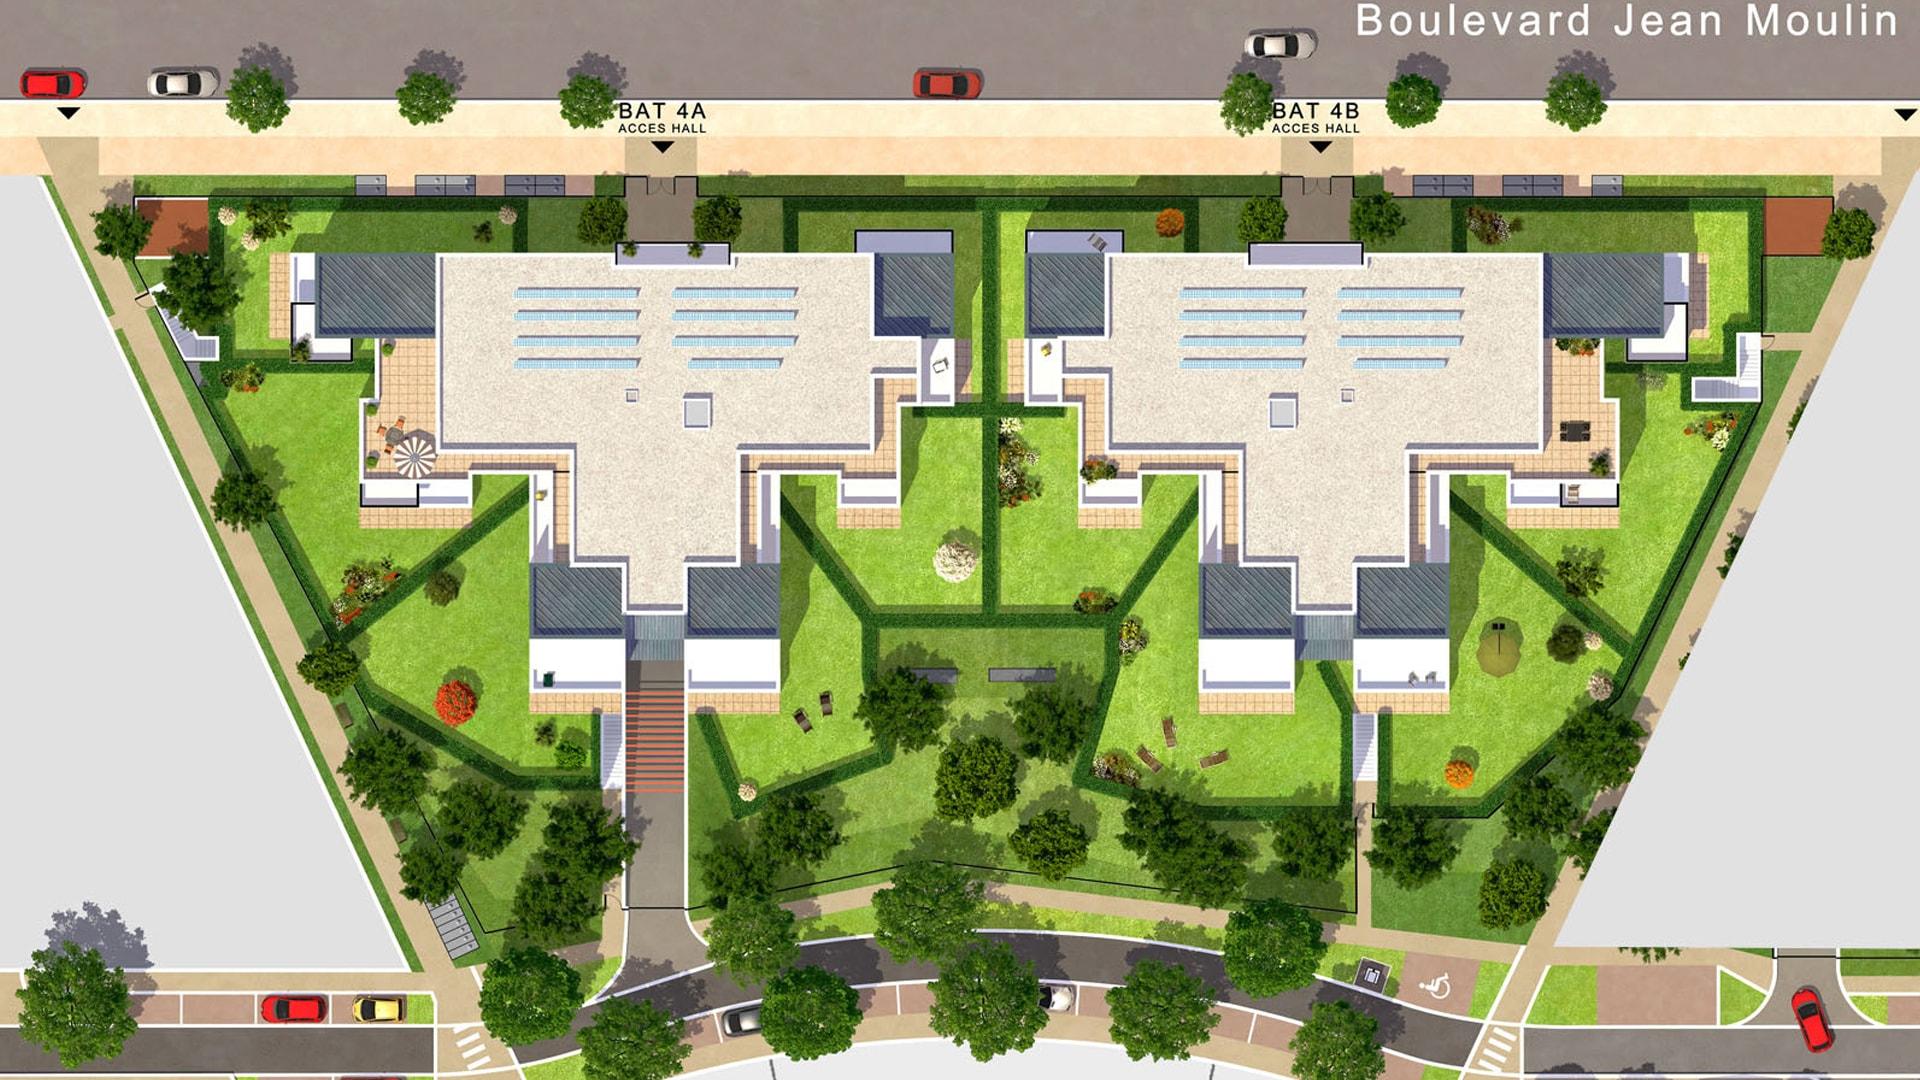 maison appartement moderne comtemporain immobilier elancourt